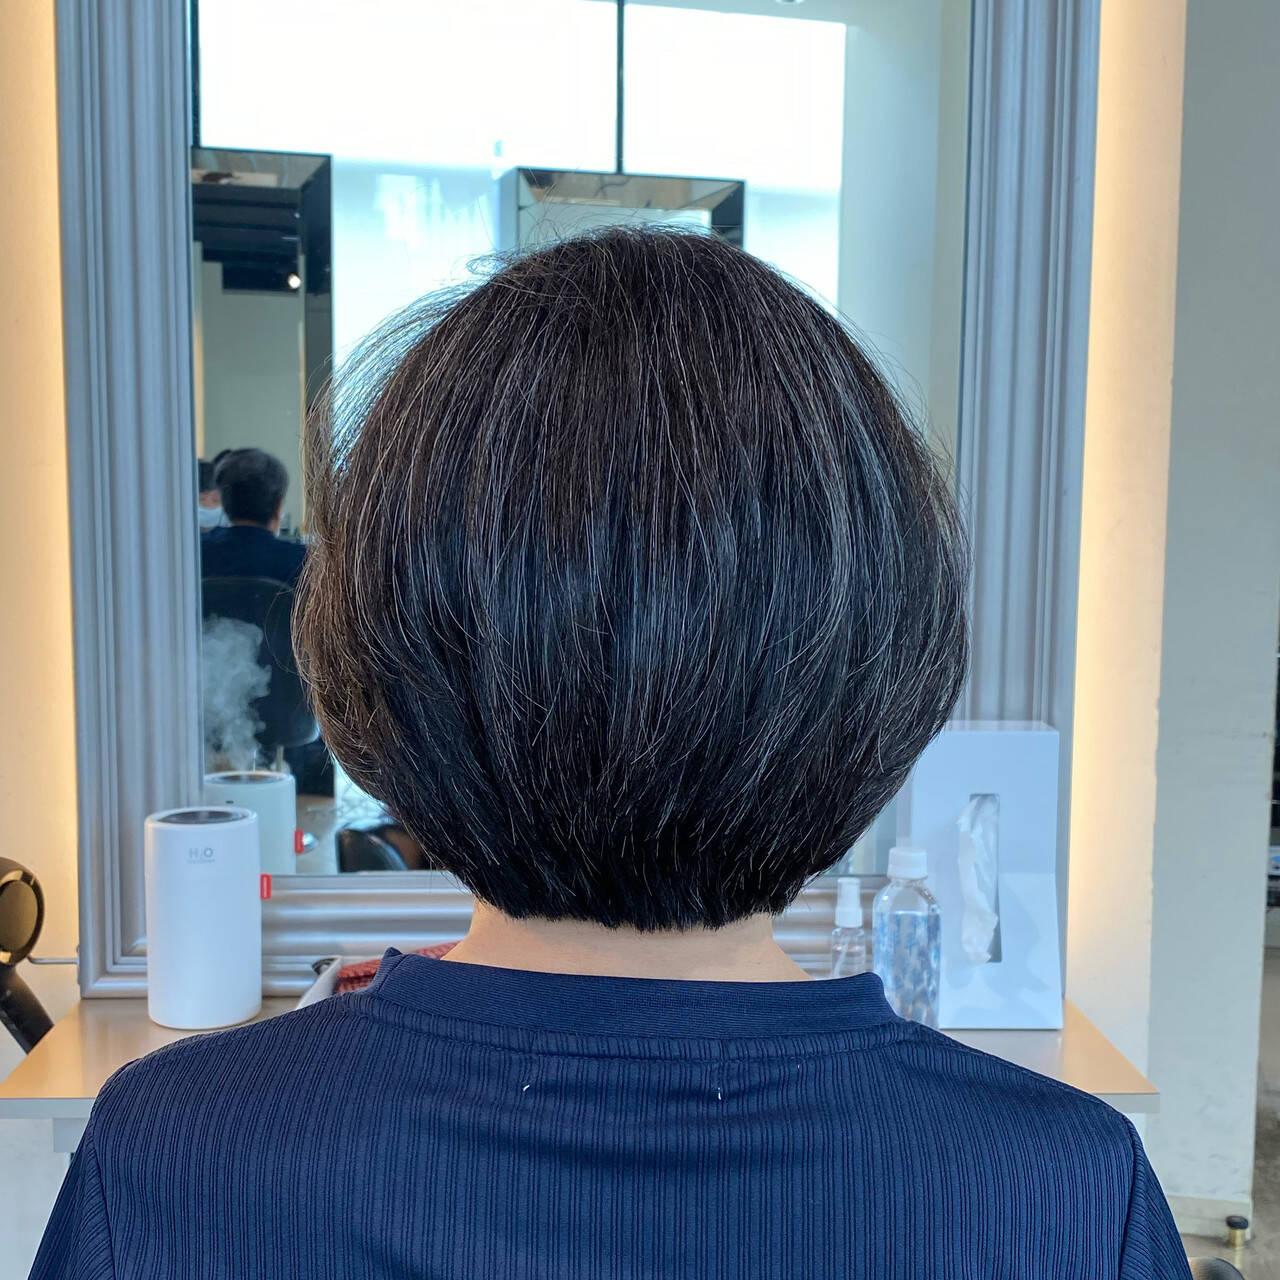 似合わせカット 内巻き ナチュラル ボブヘアスタイルや髪型の写真・画像